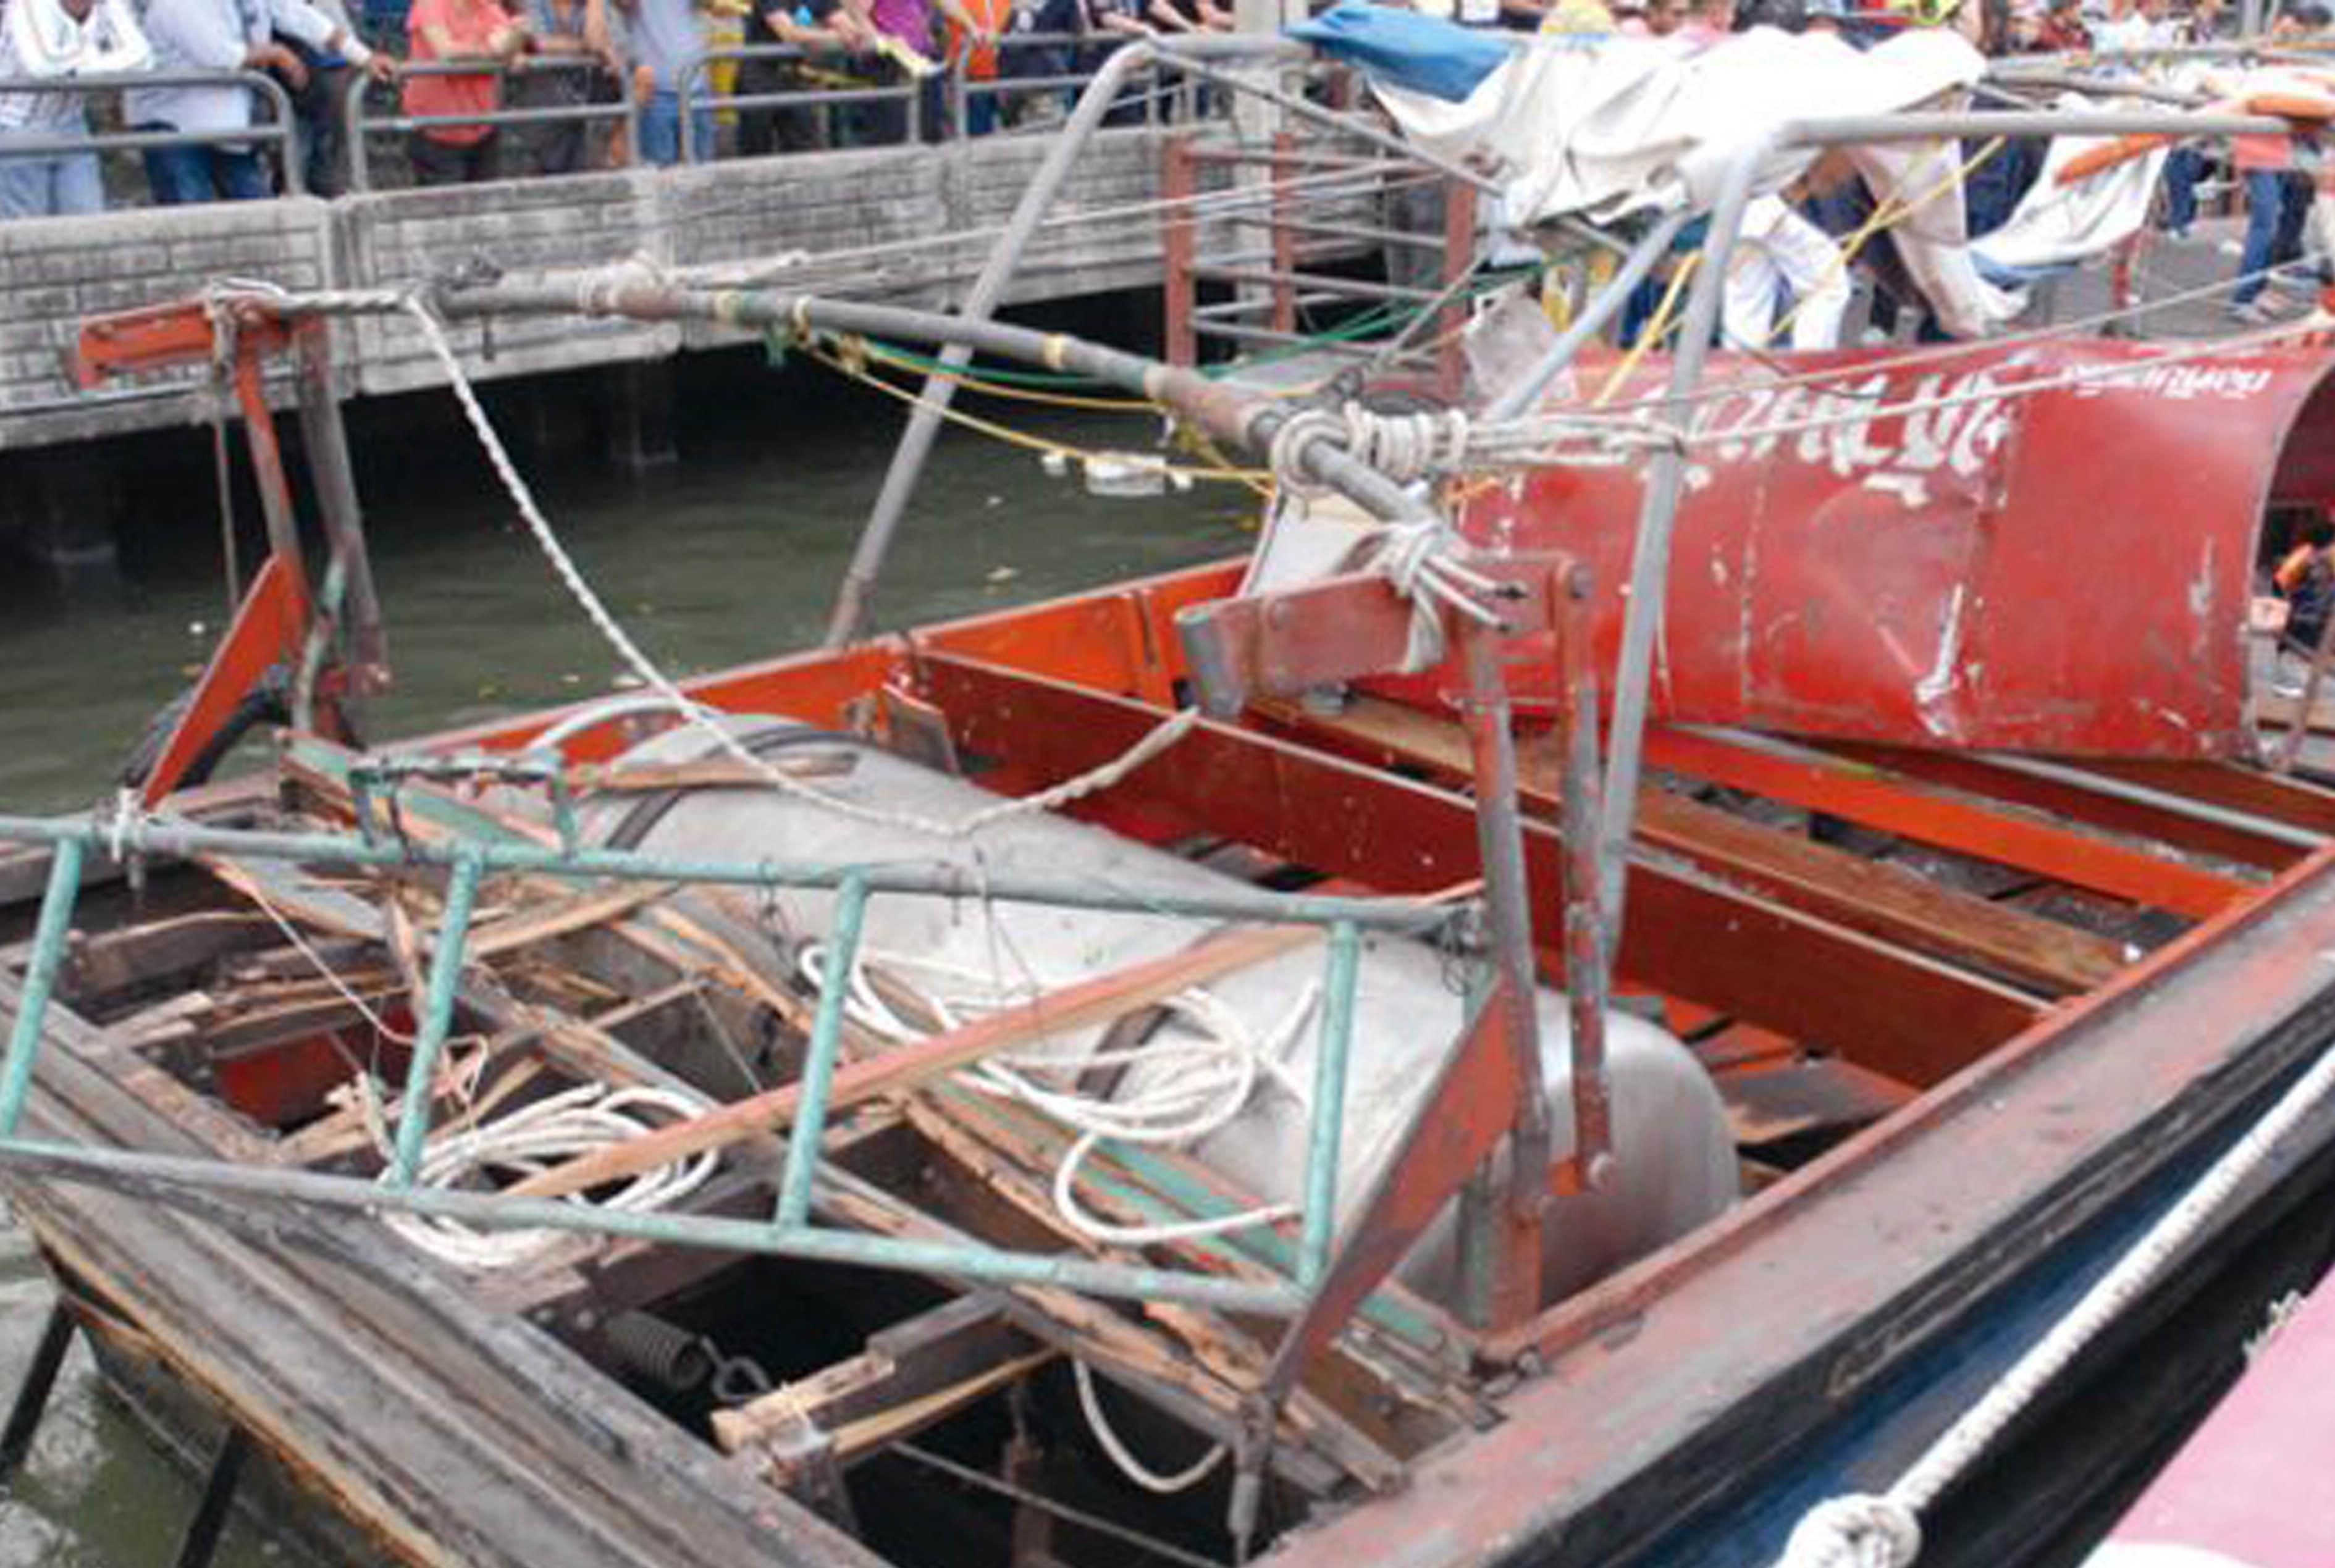 センセーブ運河の爆発事故 - ワイズデジタル【タイで生活する人のための情報サイト】